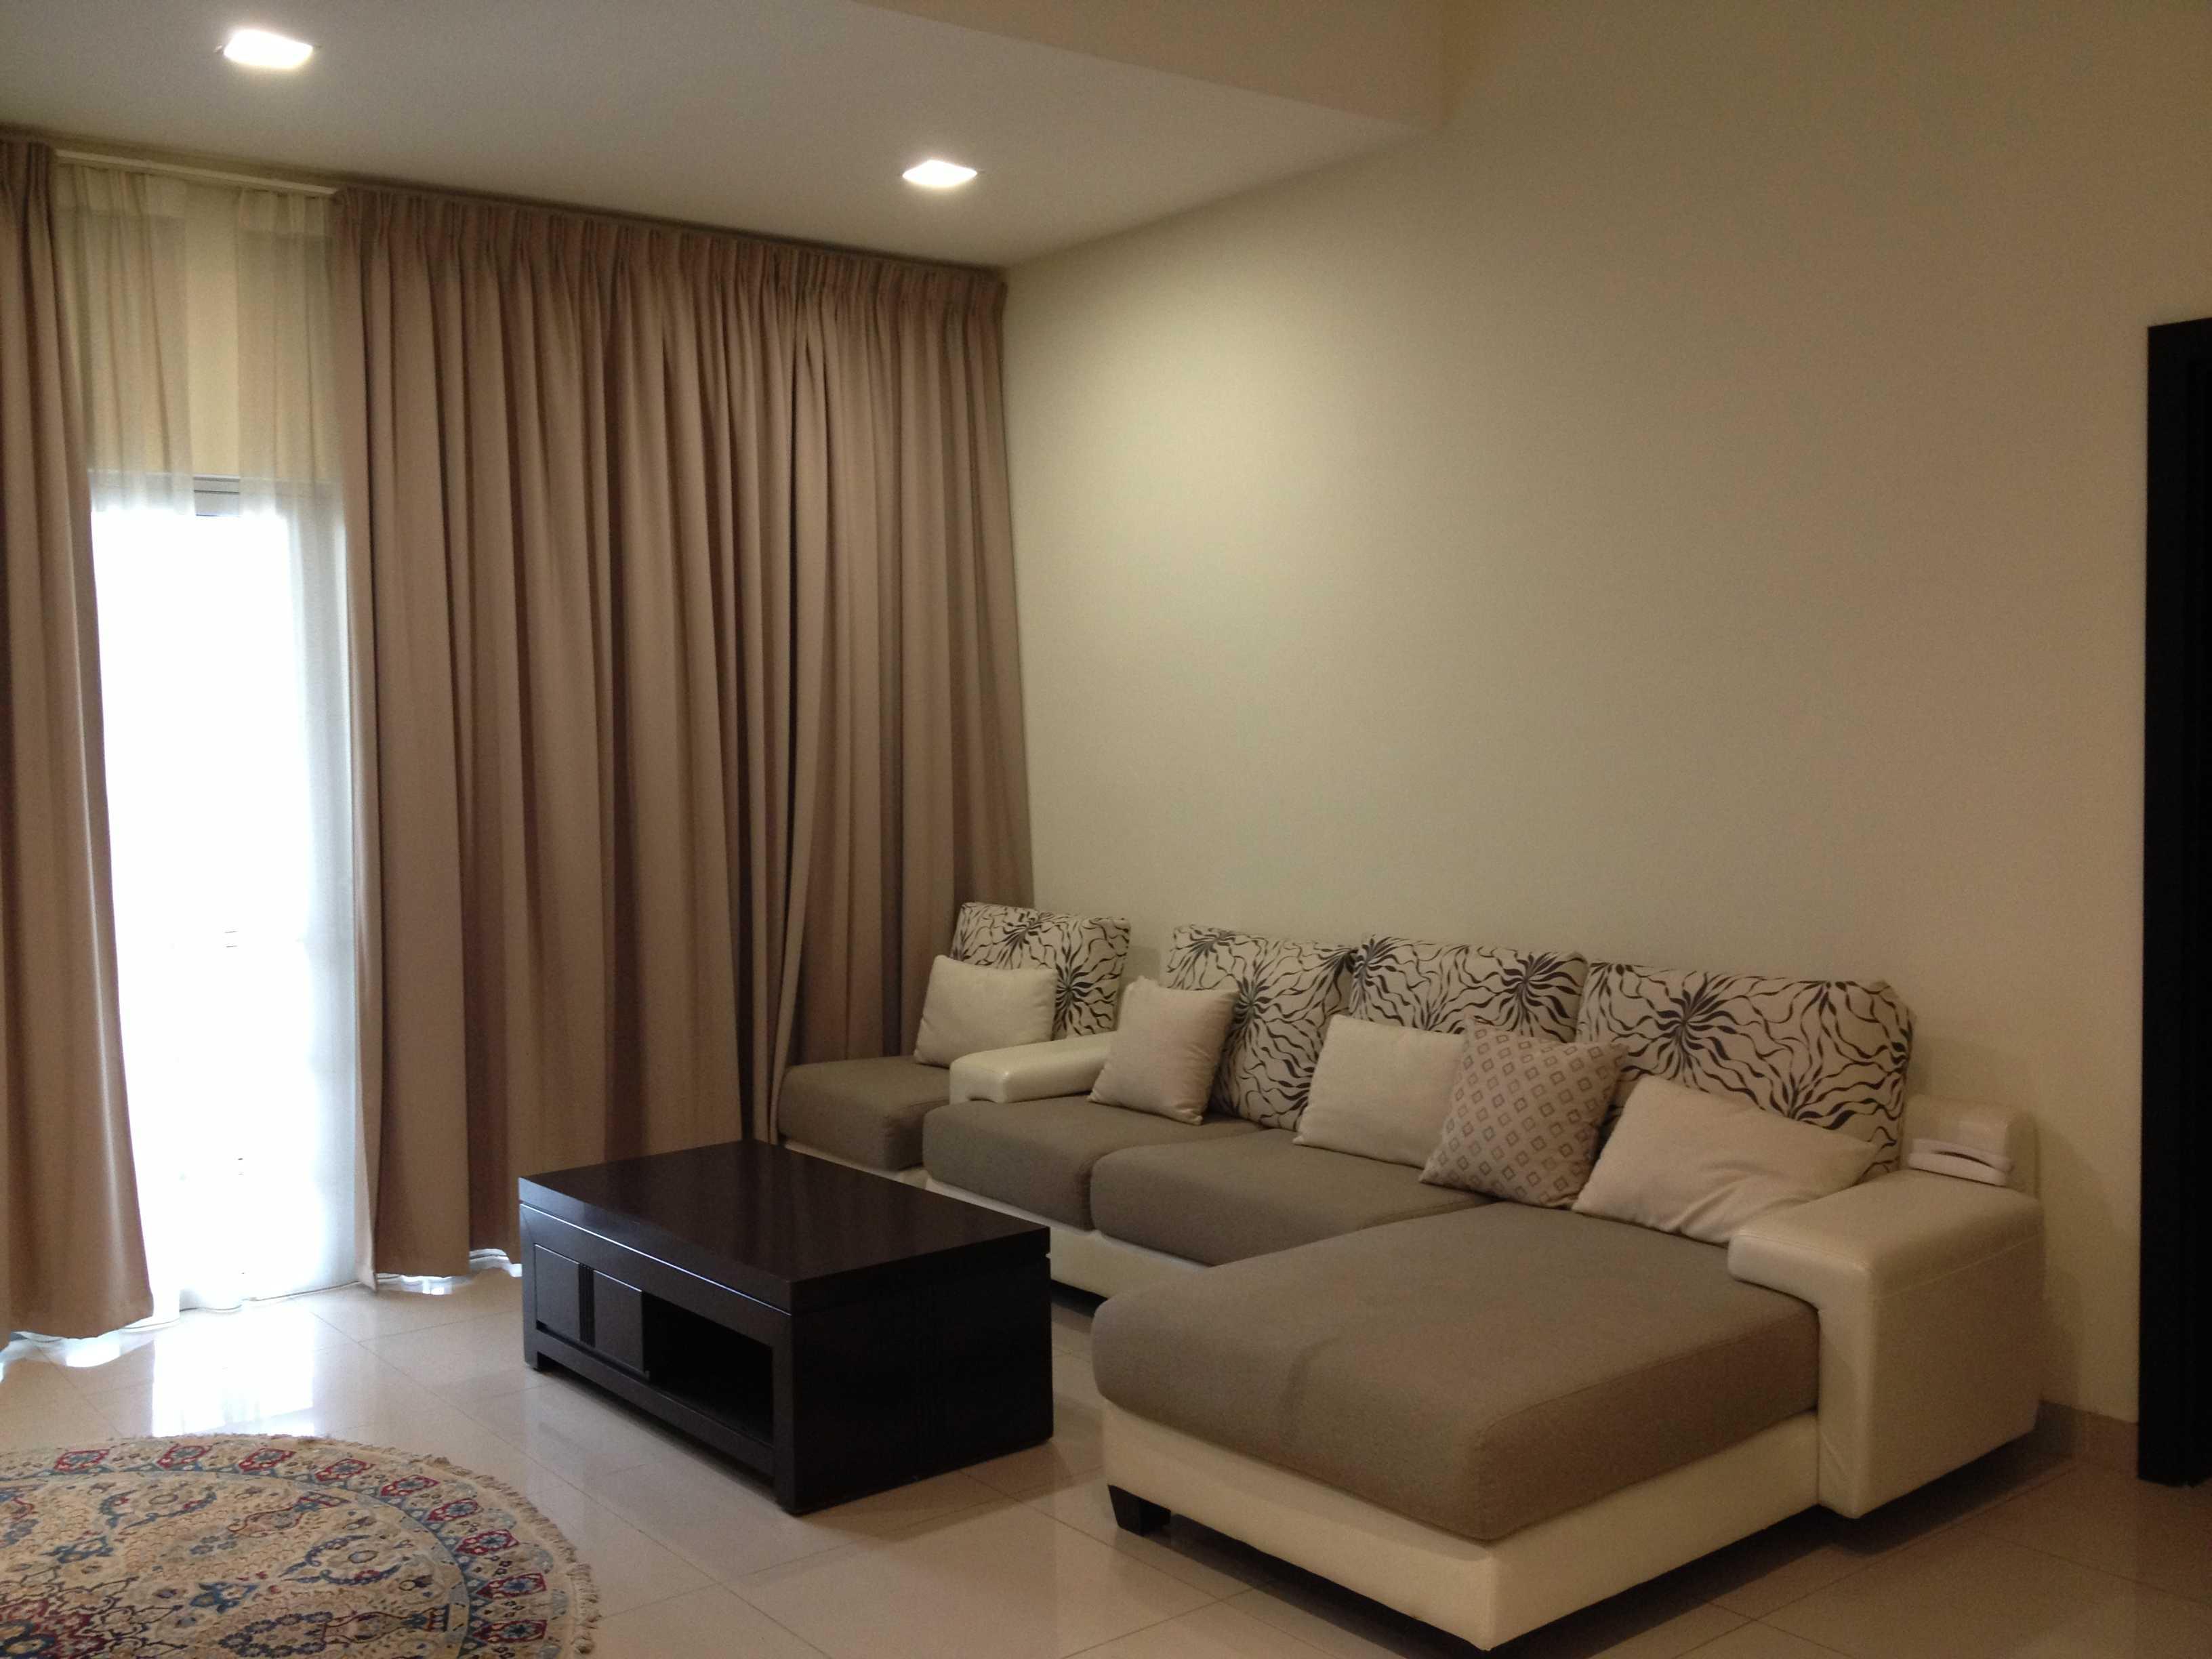 马来西亚吉隆坡公寓